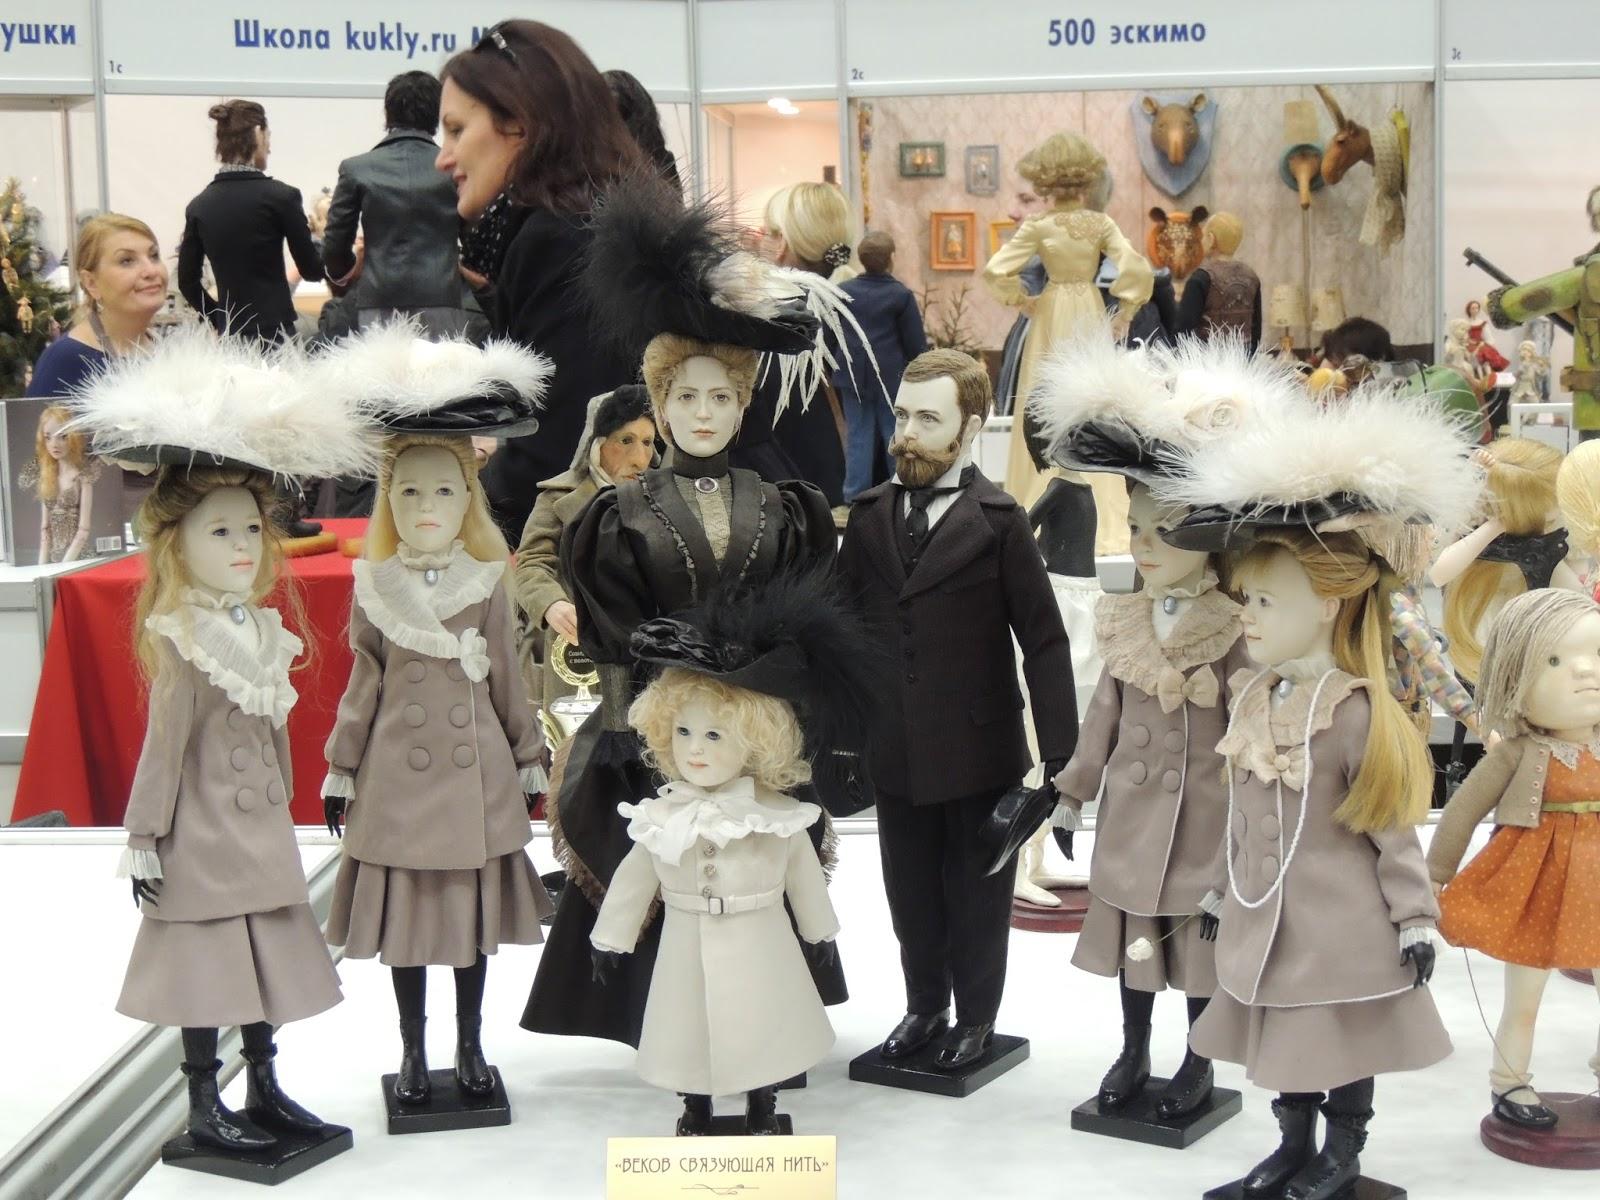 кукла,царская семья,выставка,тишинка